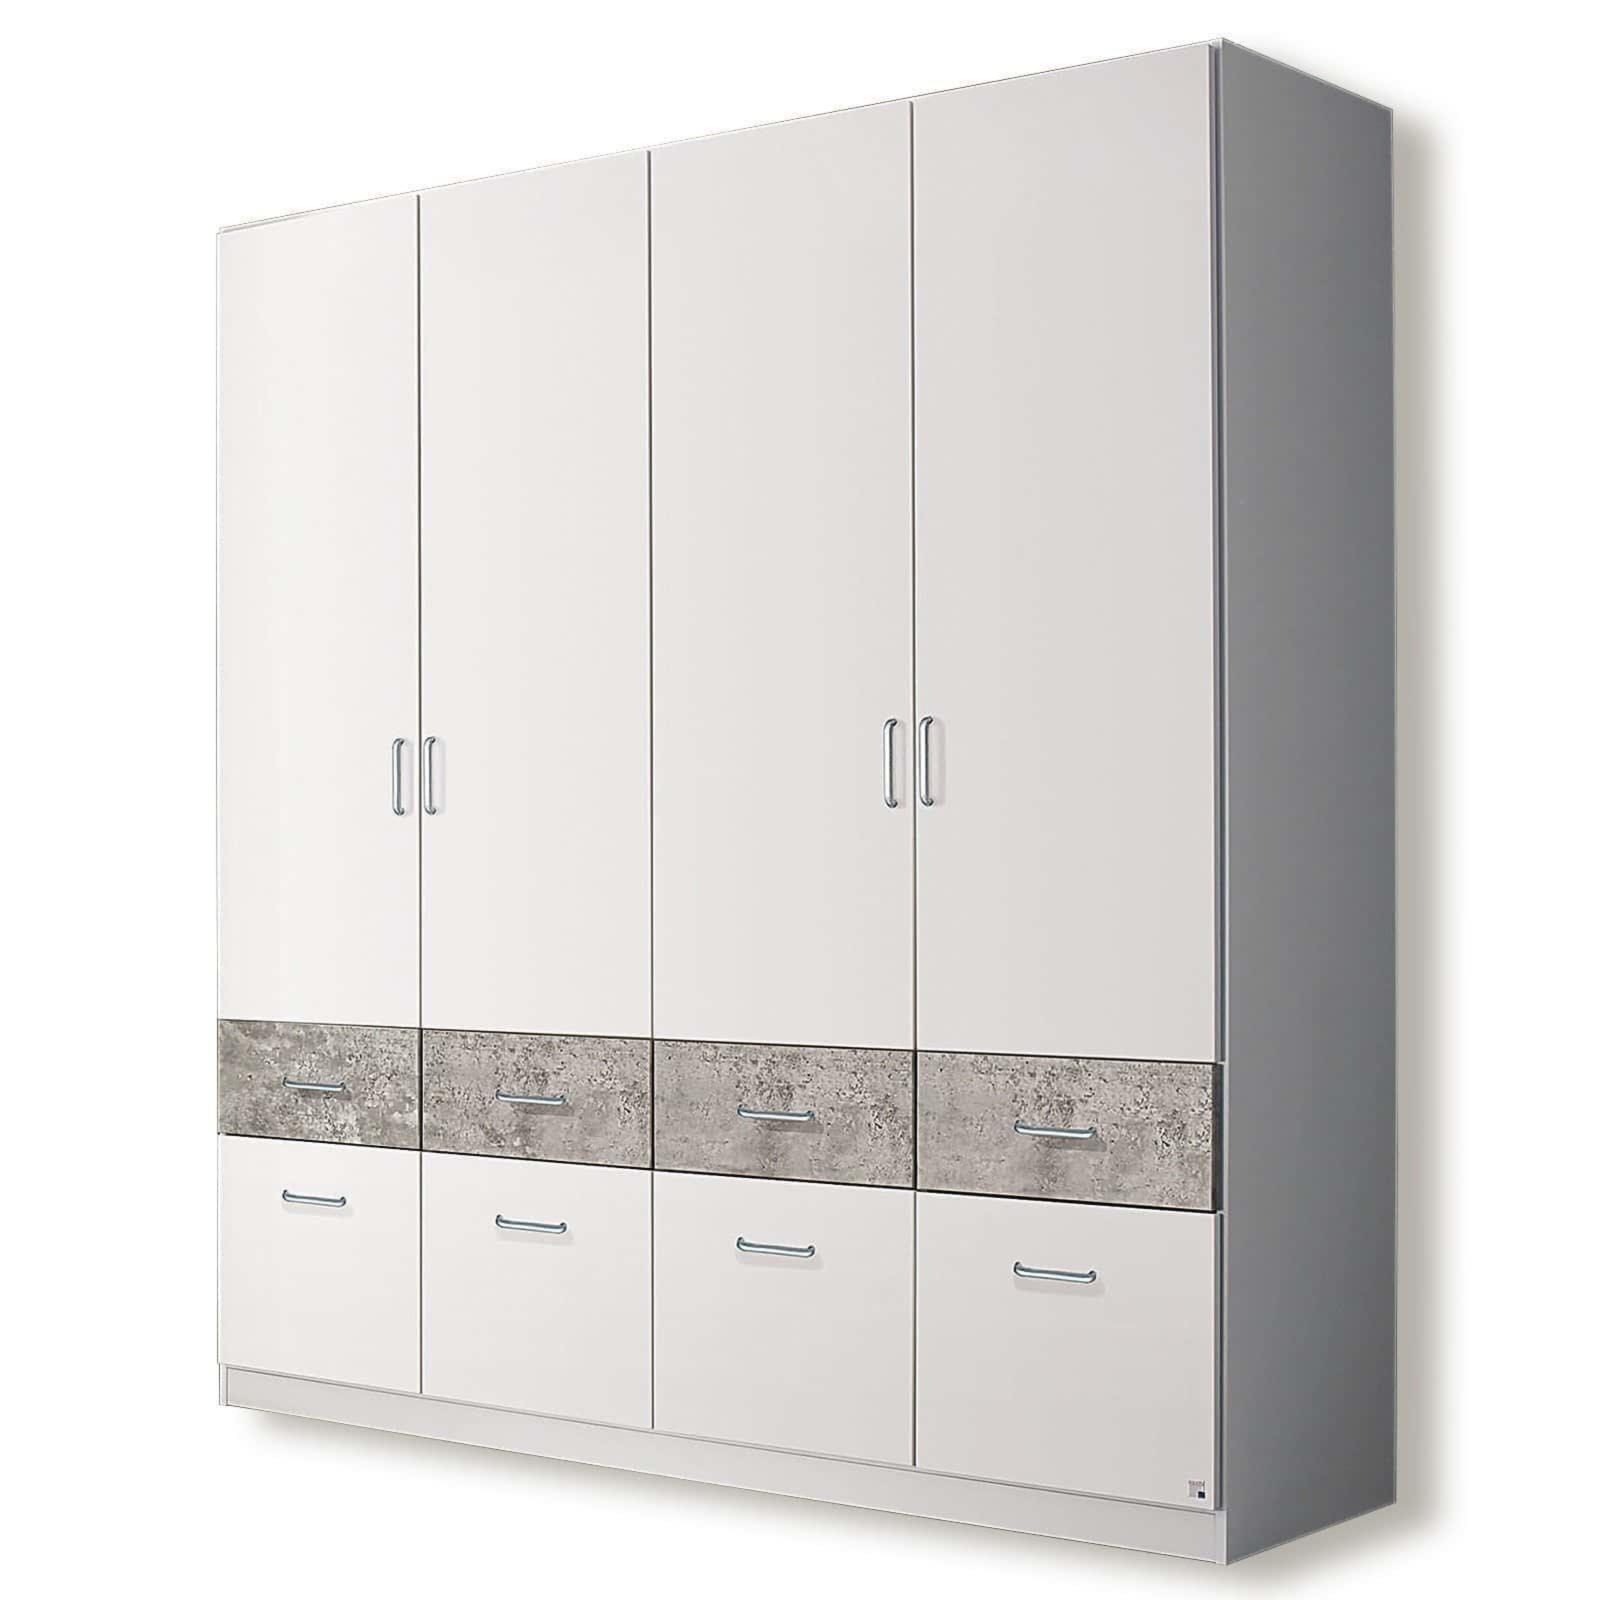 Schön Schiebegardinen Grau Weiß Design